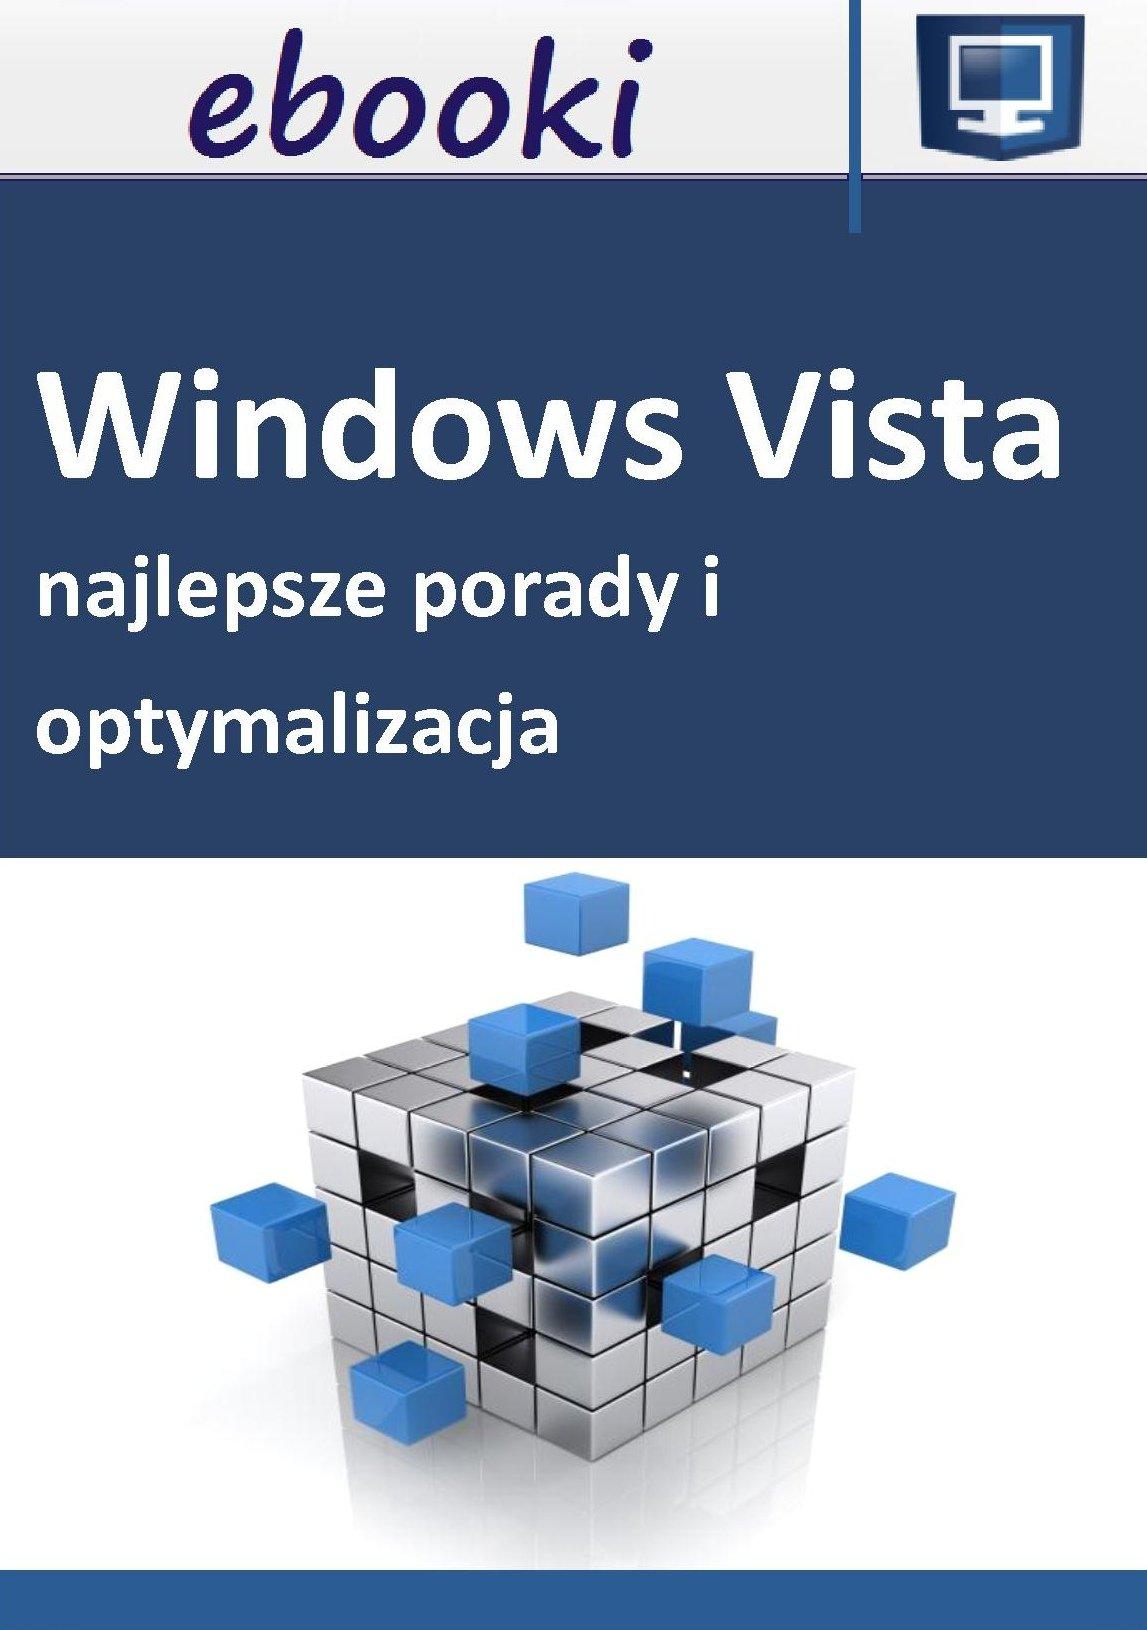 Najlepsze porady i optymalizacja Windows Vista - Ebook (Książka PDF) do pobrania w formacie PDF